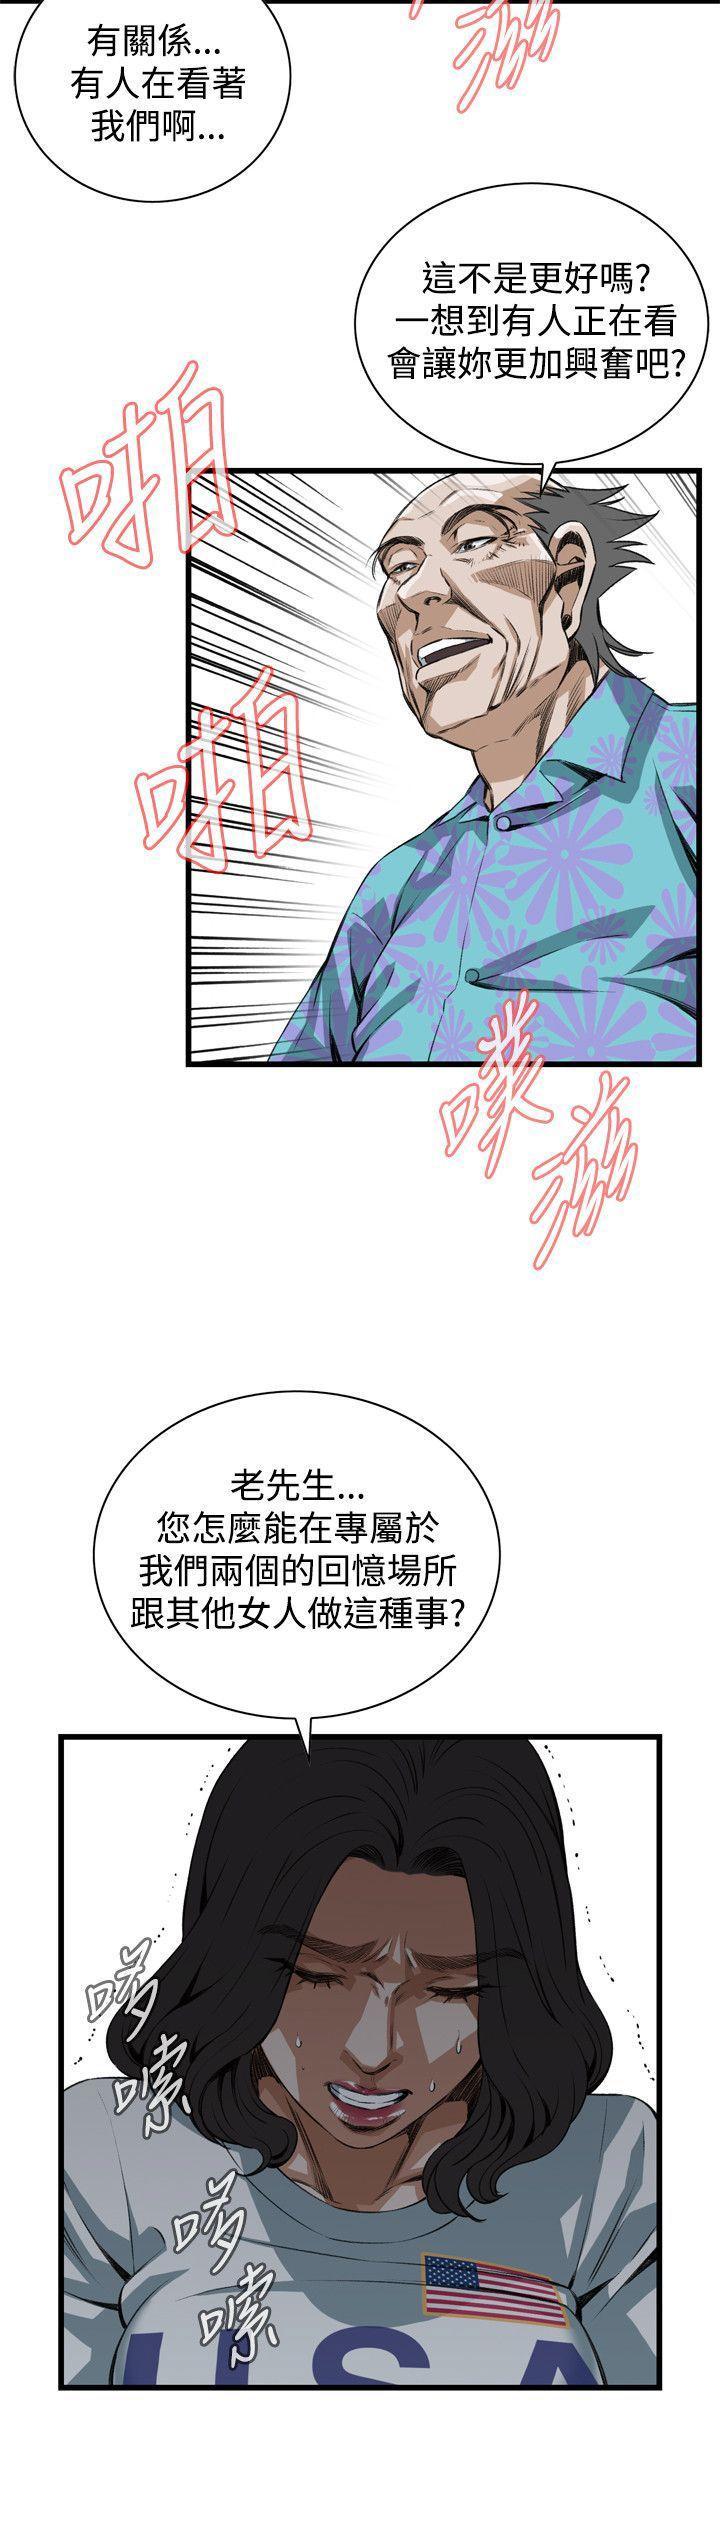 偷窥72-93 Chinese Rsiky 163